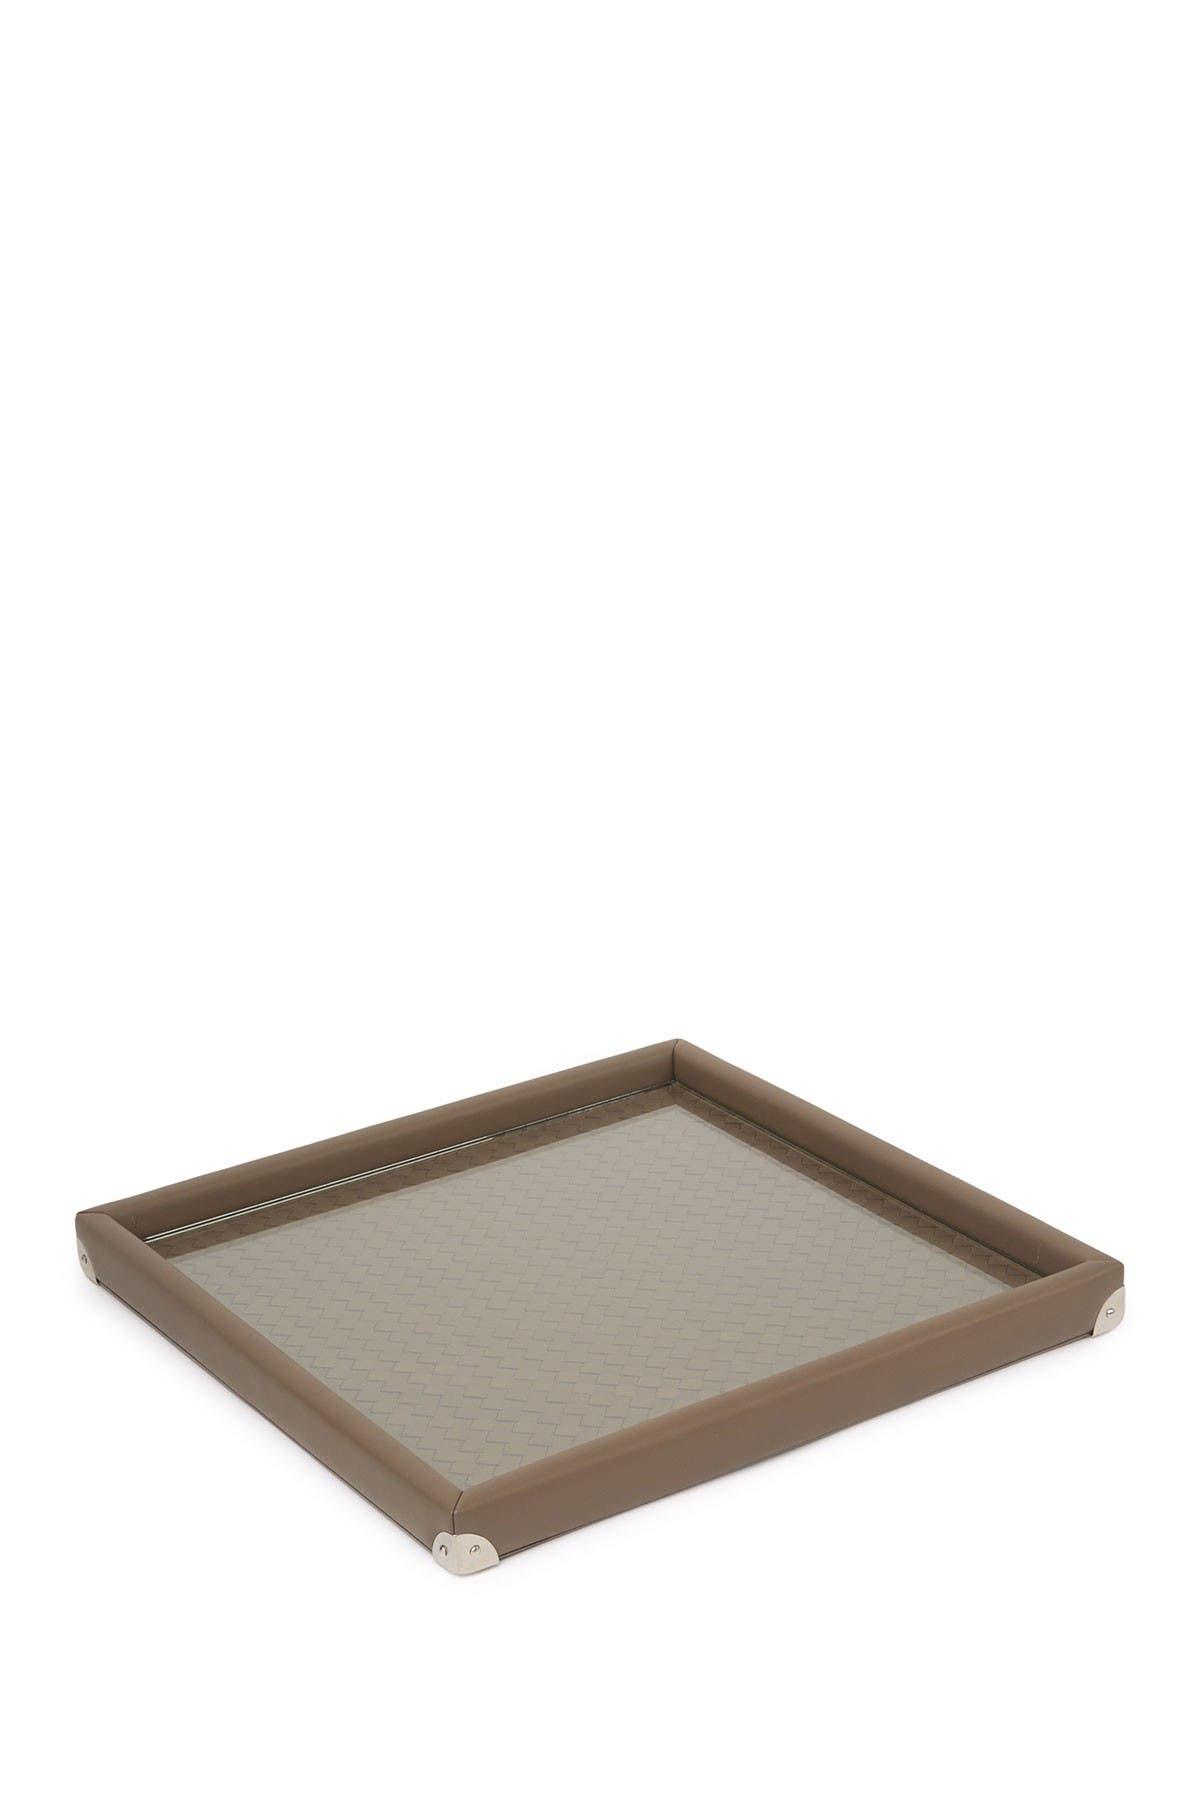 Image of Bottega Veneta Leather Weave Tray